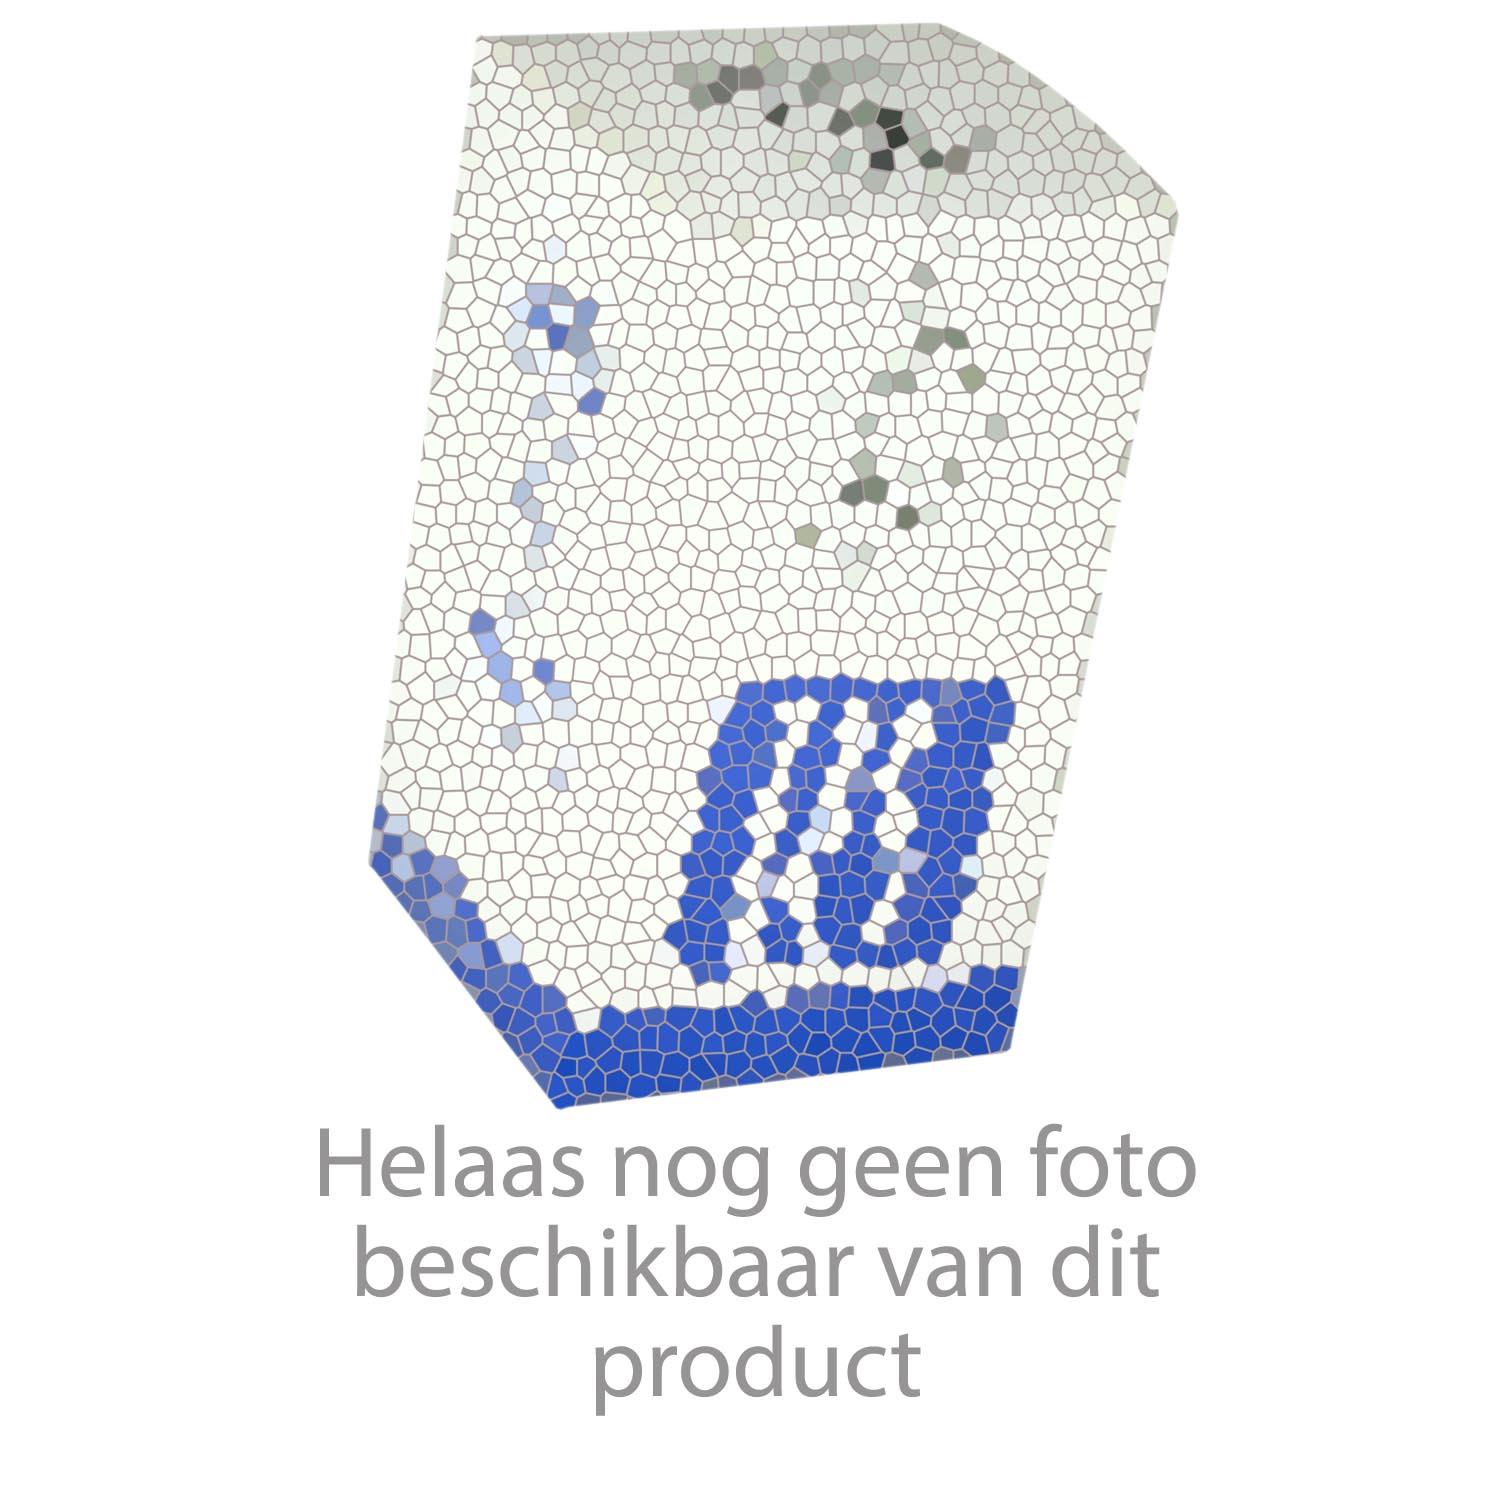 Grohe Grohtherm Cube Bad Opbouwdeel Thermostatische mengkraan met omstelling